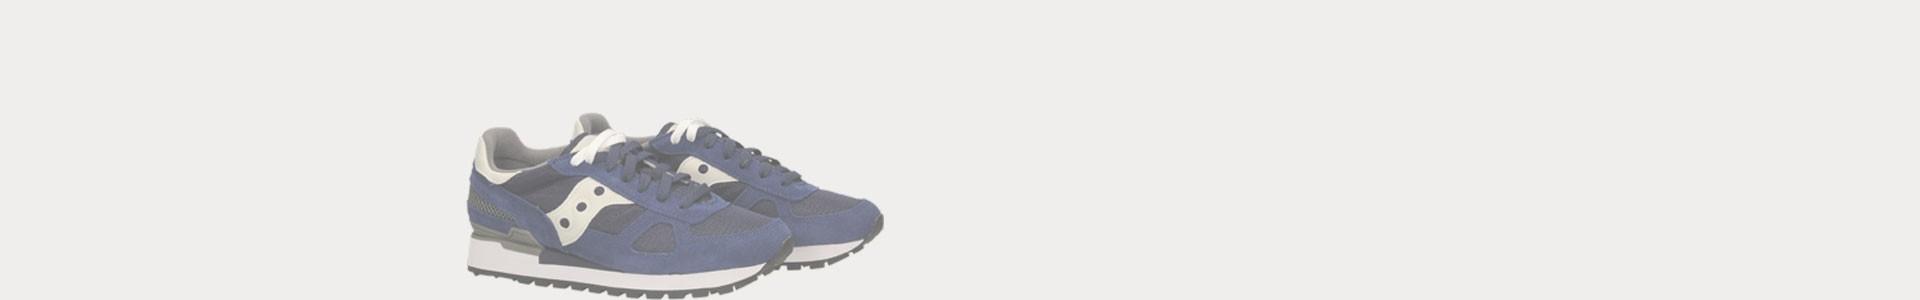 Sneakers für Männer online | Jetzt bei AnyGivenSunday.Shop